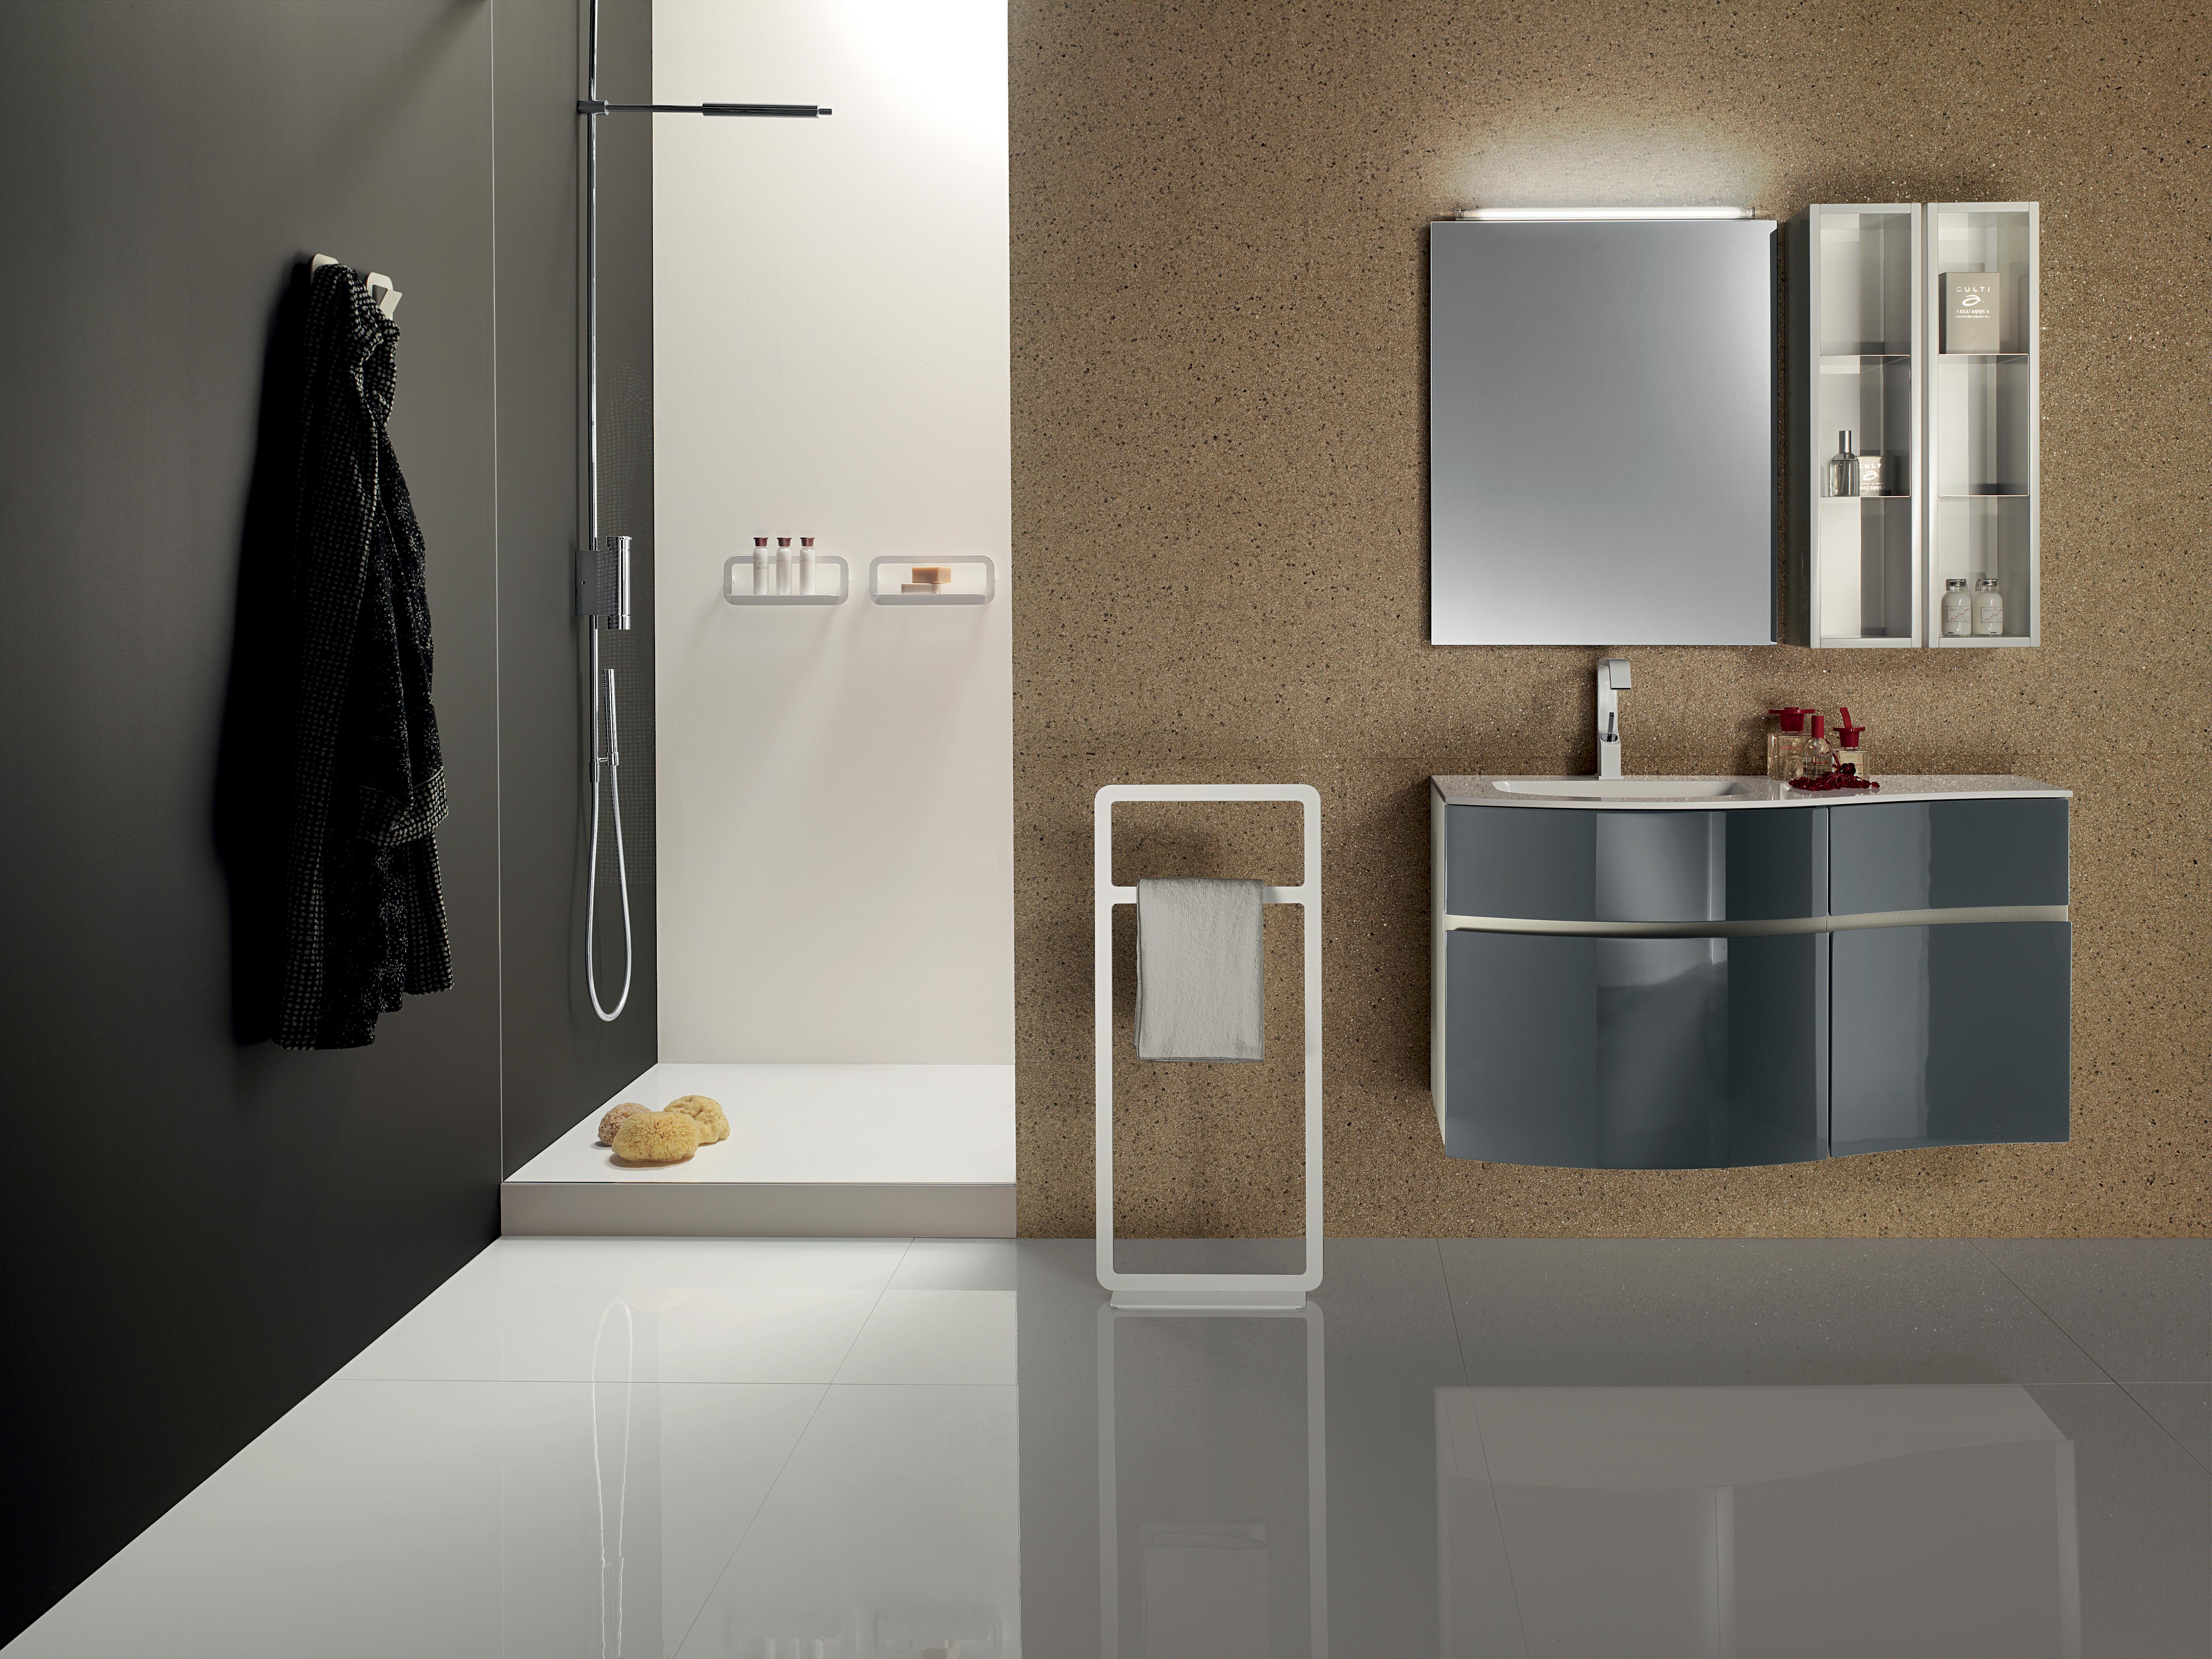 Progetto bagno bagno con super doccia with progetto bagno for Progettare una lavanderia online gratuitamente